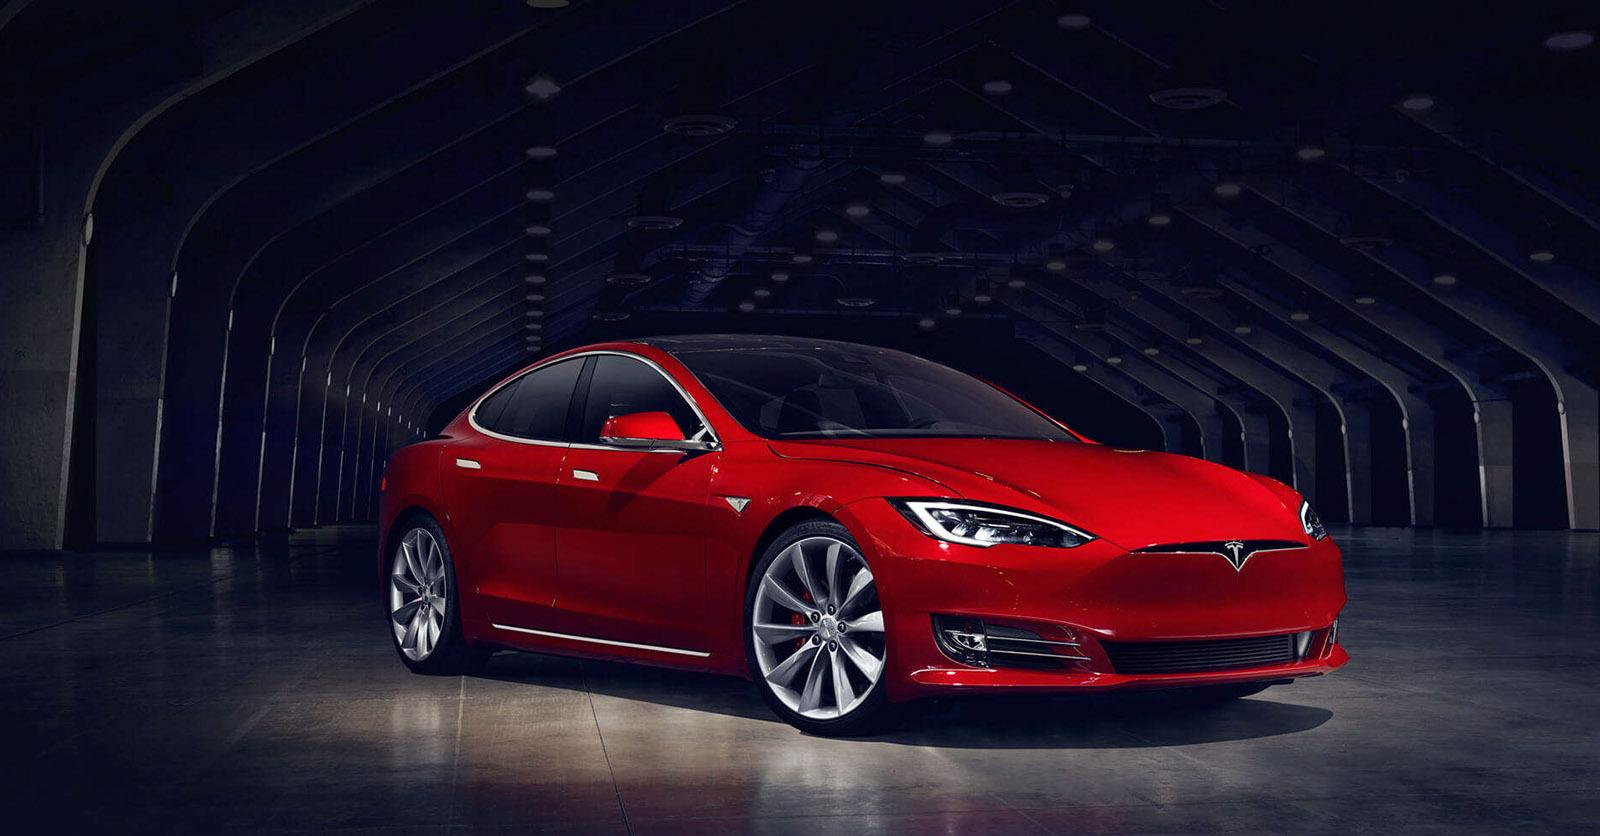 Das schnellste Serienfahrzeug der Welt: Der Tesla P100D 2